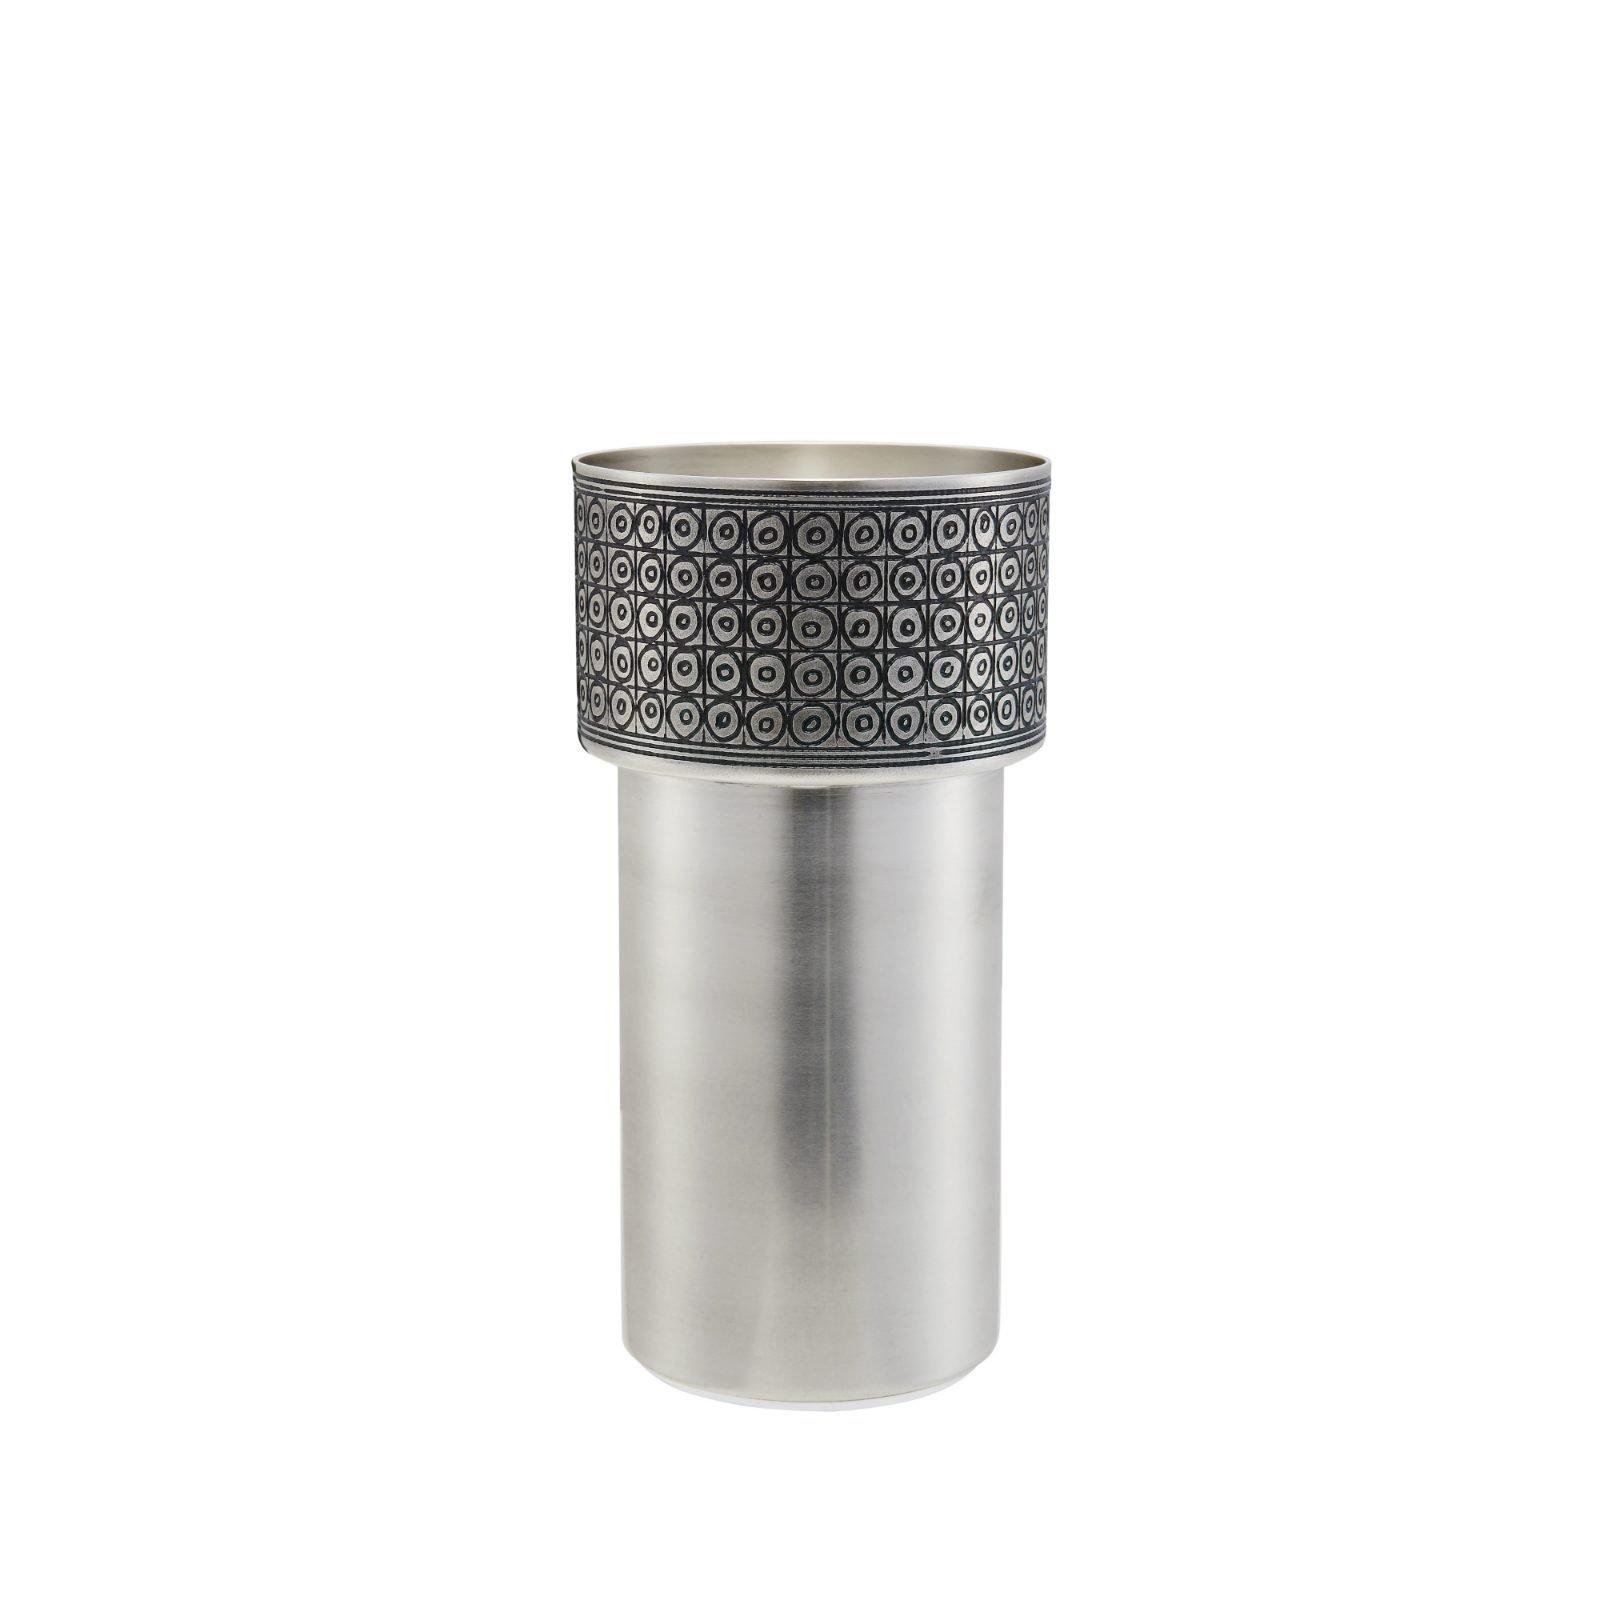 vaso-bilbat-zanetto-acquaforte-numerato